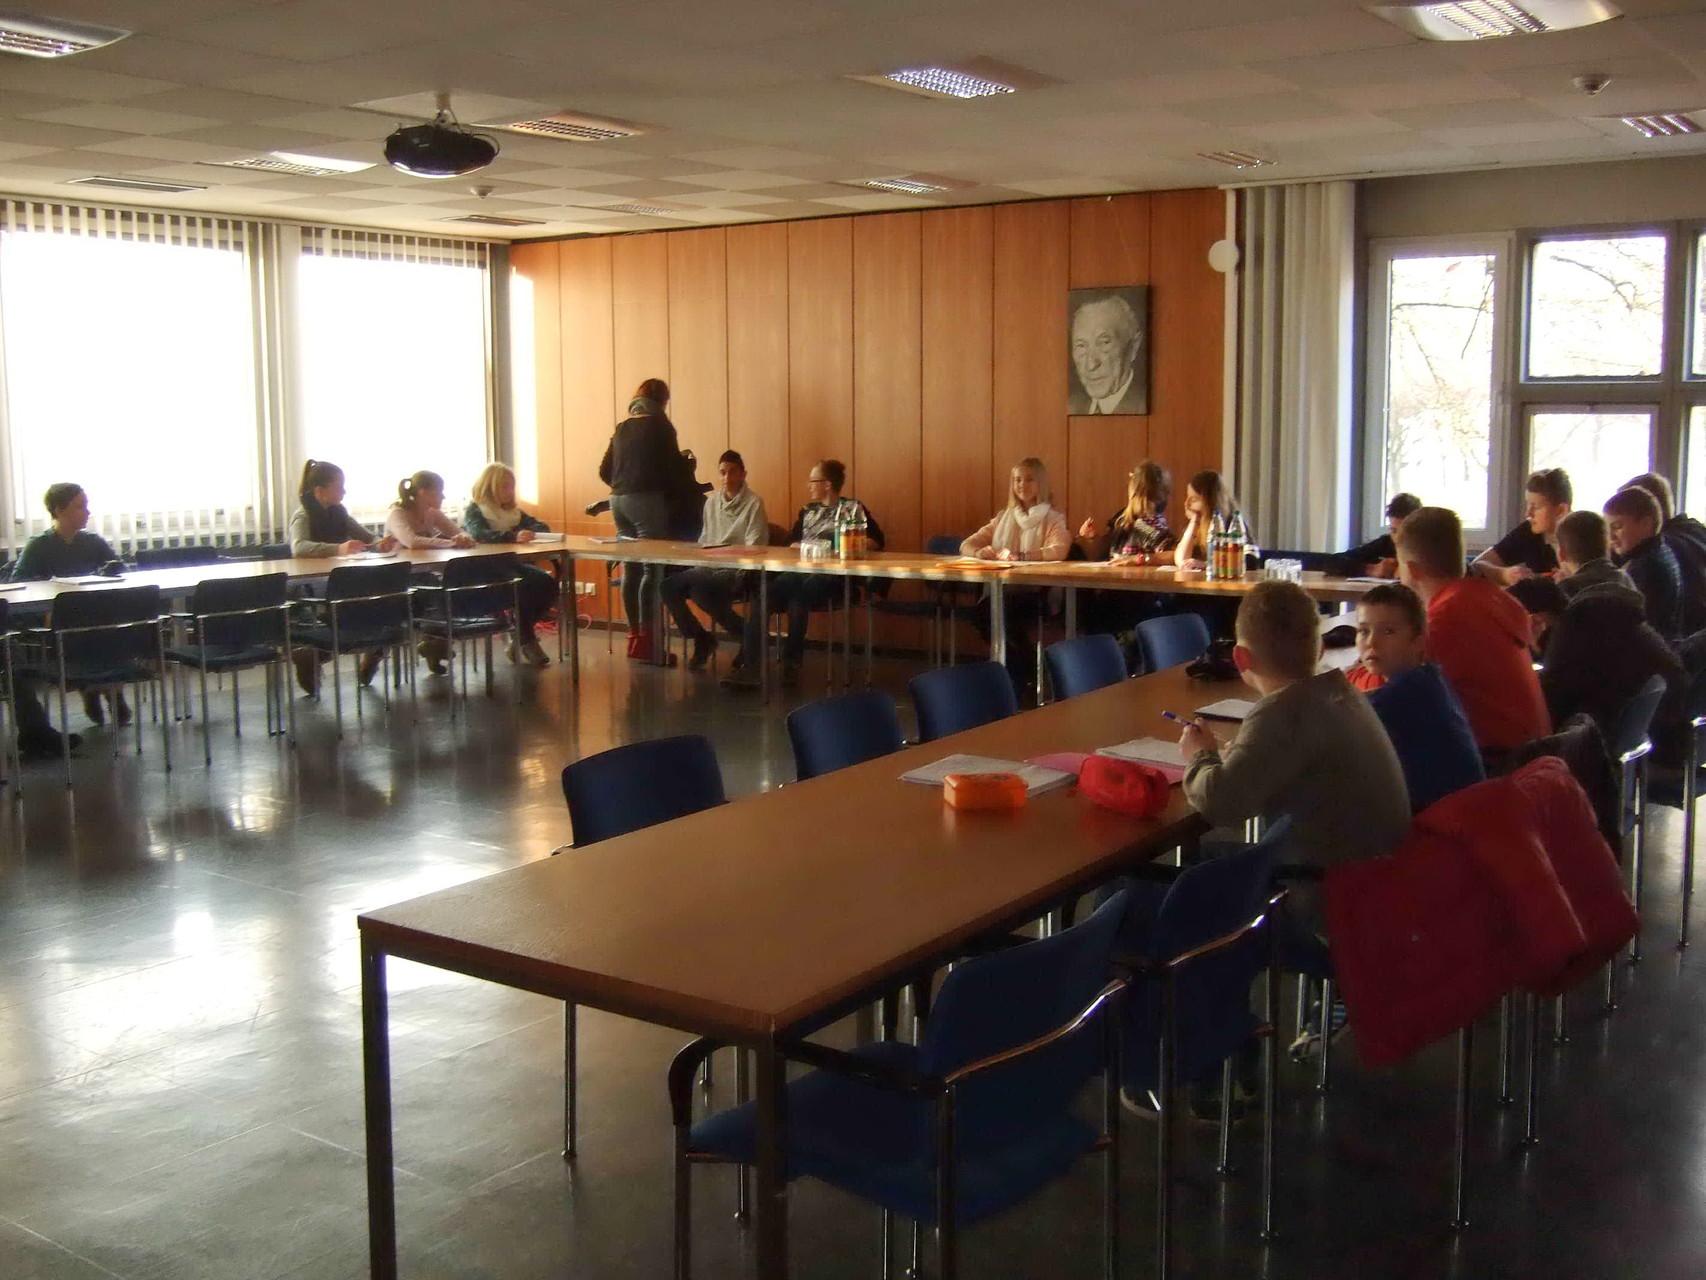 Warten auf Bürgermeister Vogel im Konrad-Adenauer-Saal